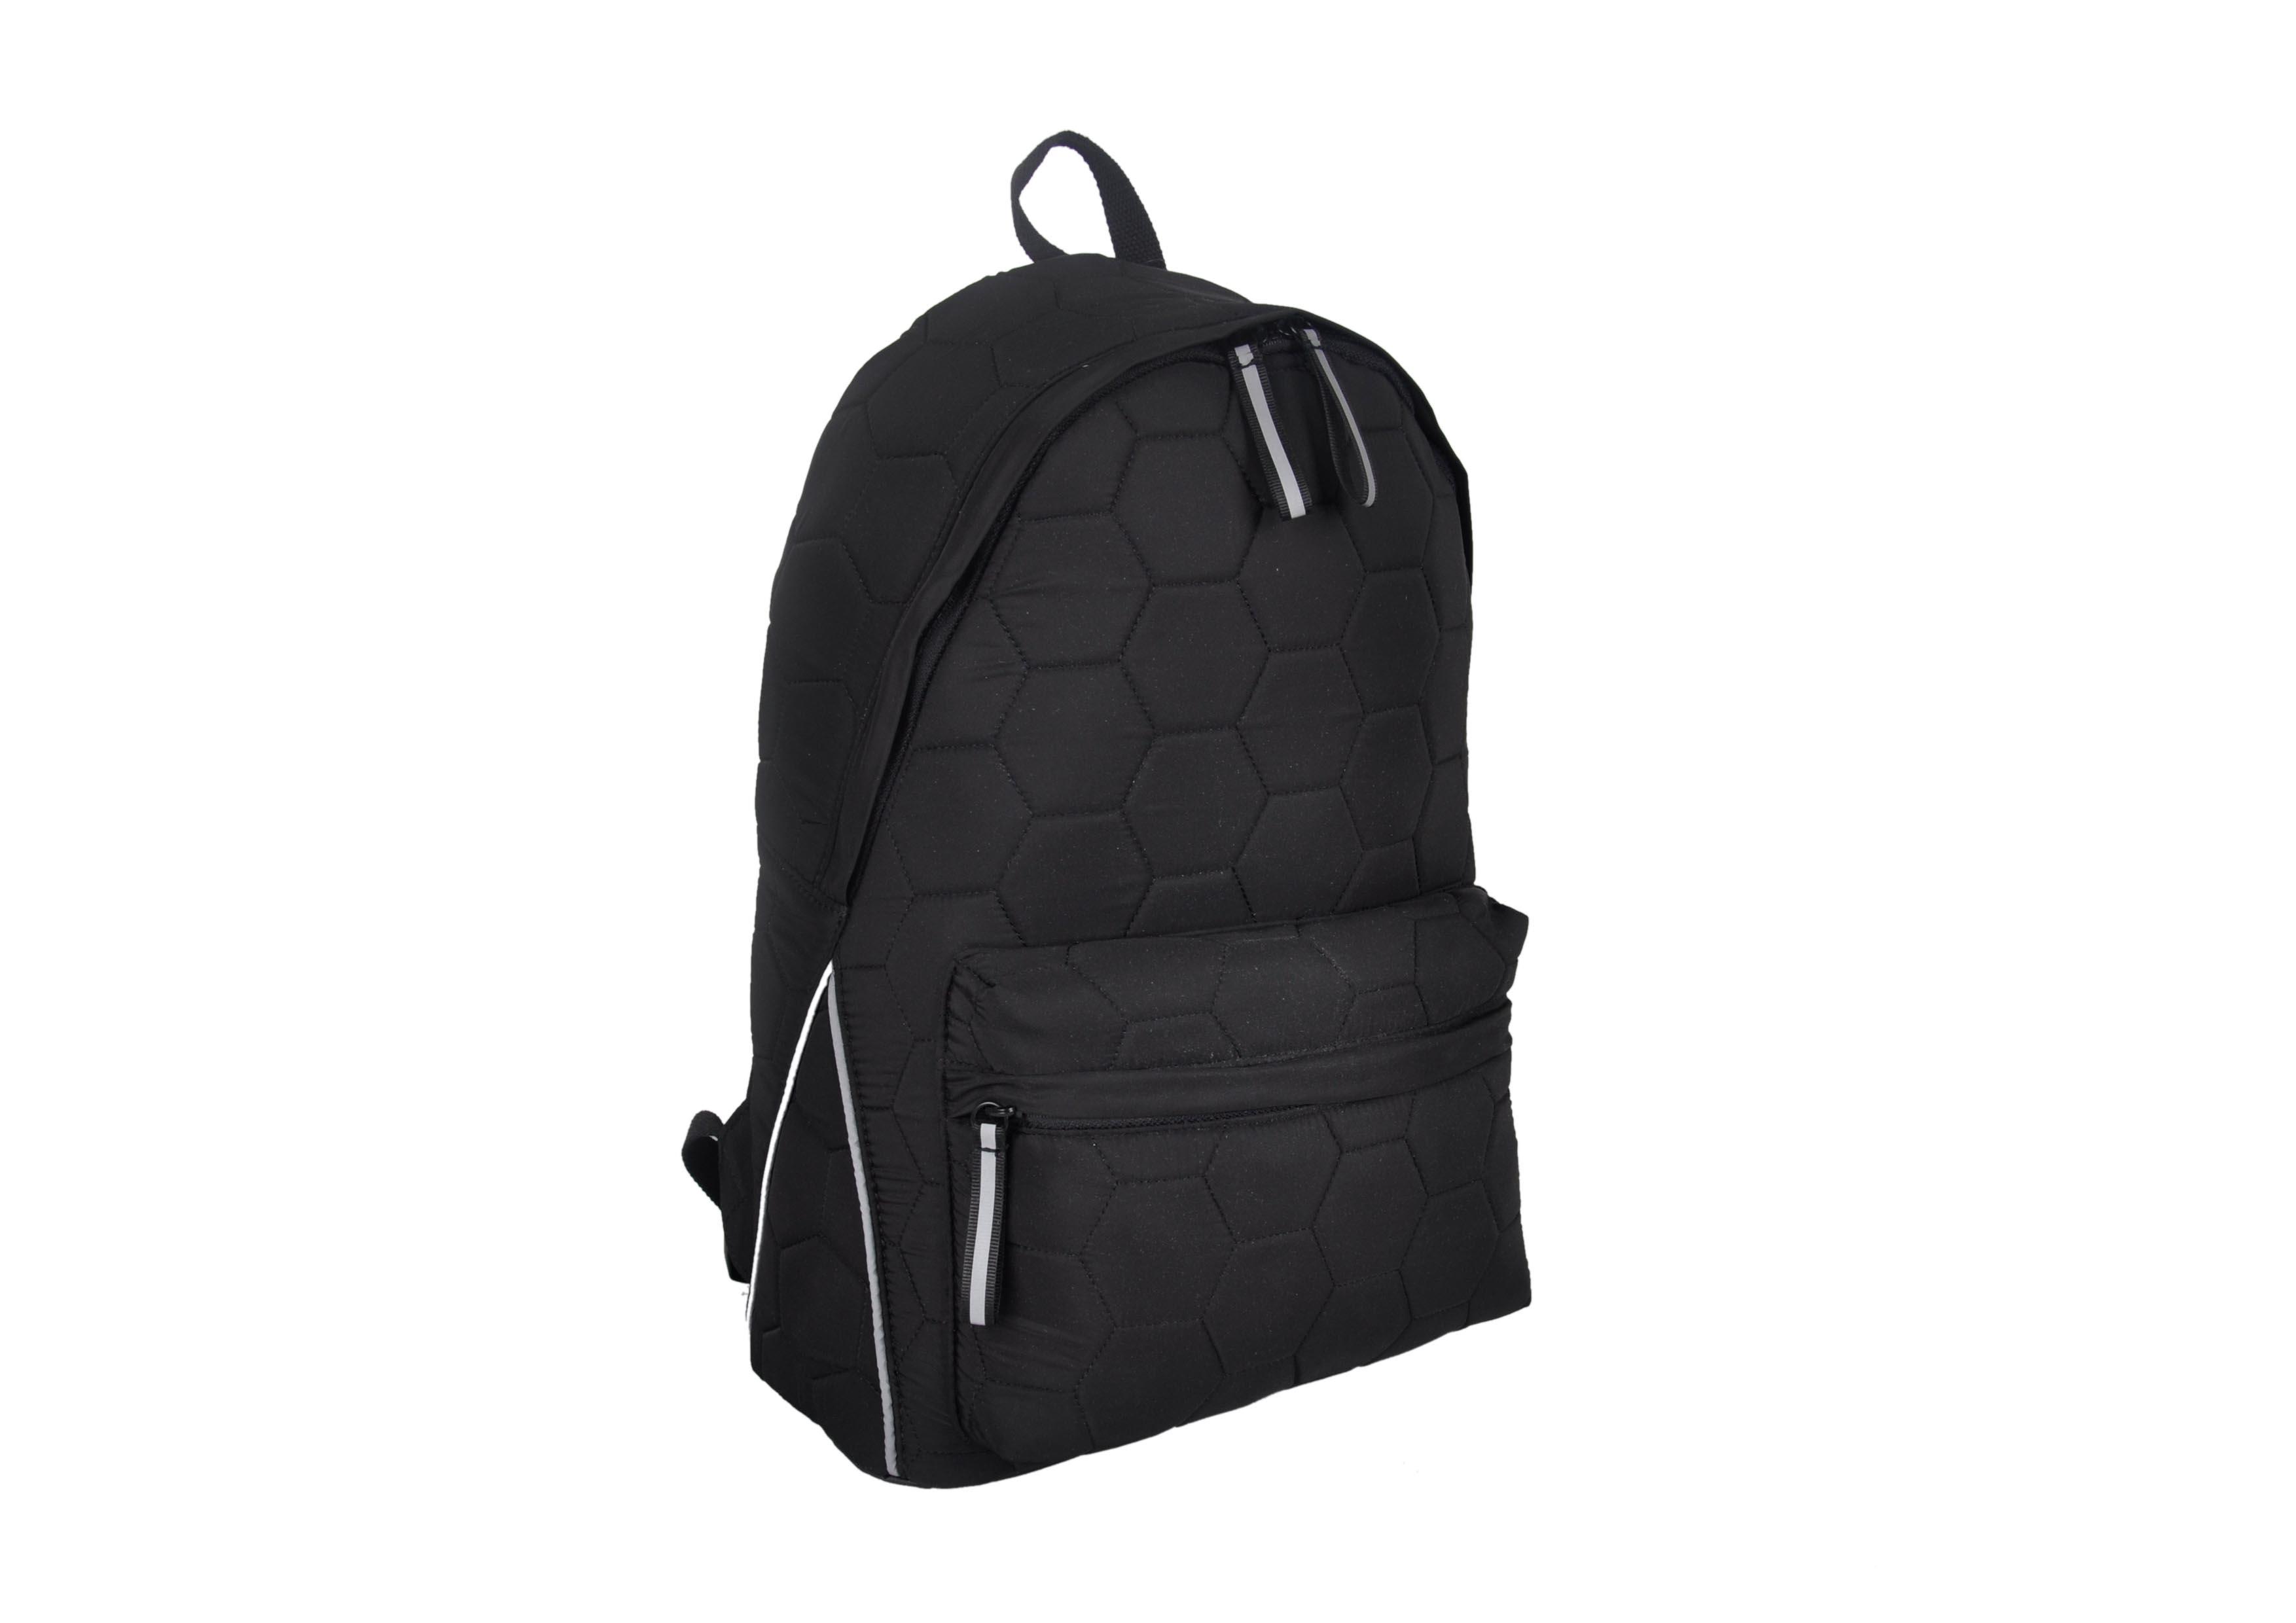 black color backpack